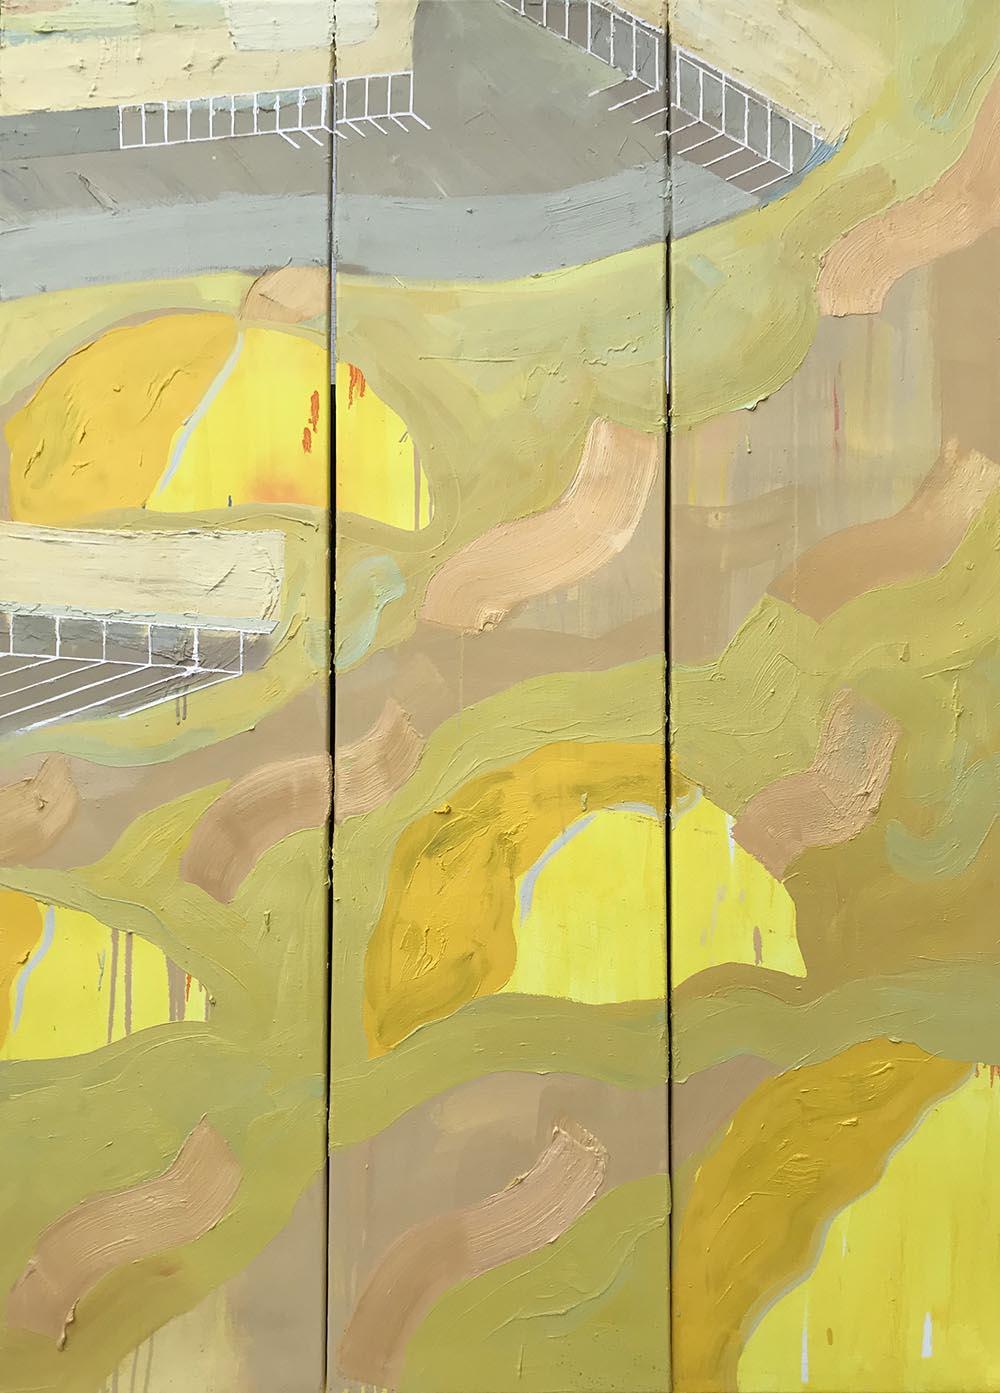 Natacha Mankowski, Pool #1, 2018, oil on canvas, 120x170 cm